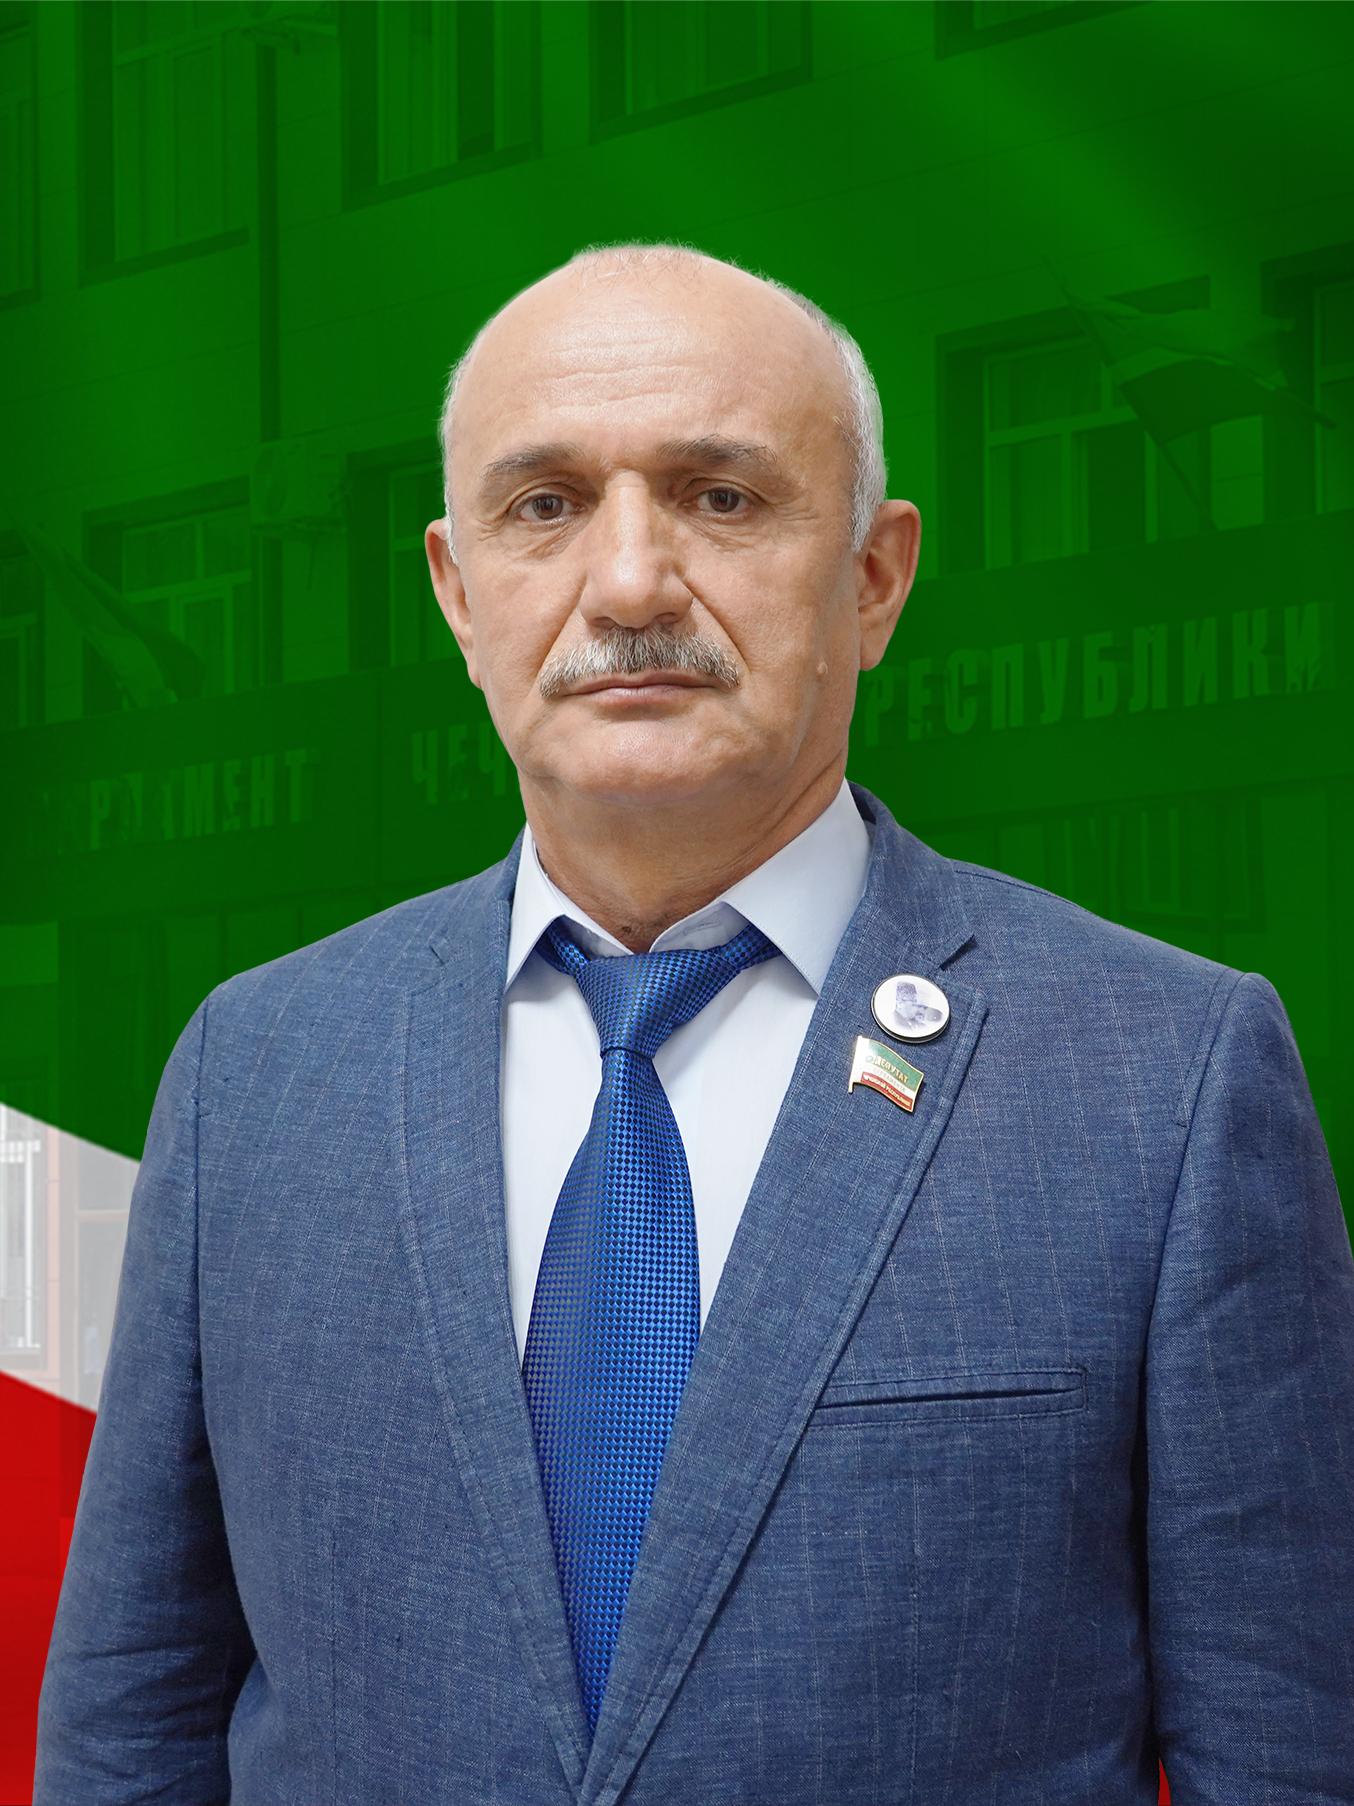 Демильханов Муса Сайтарбиевич